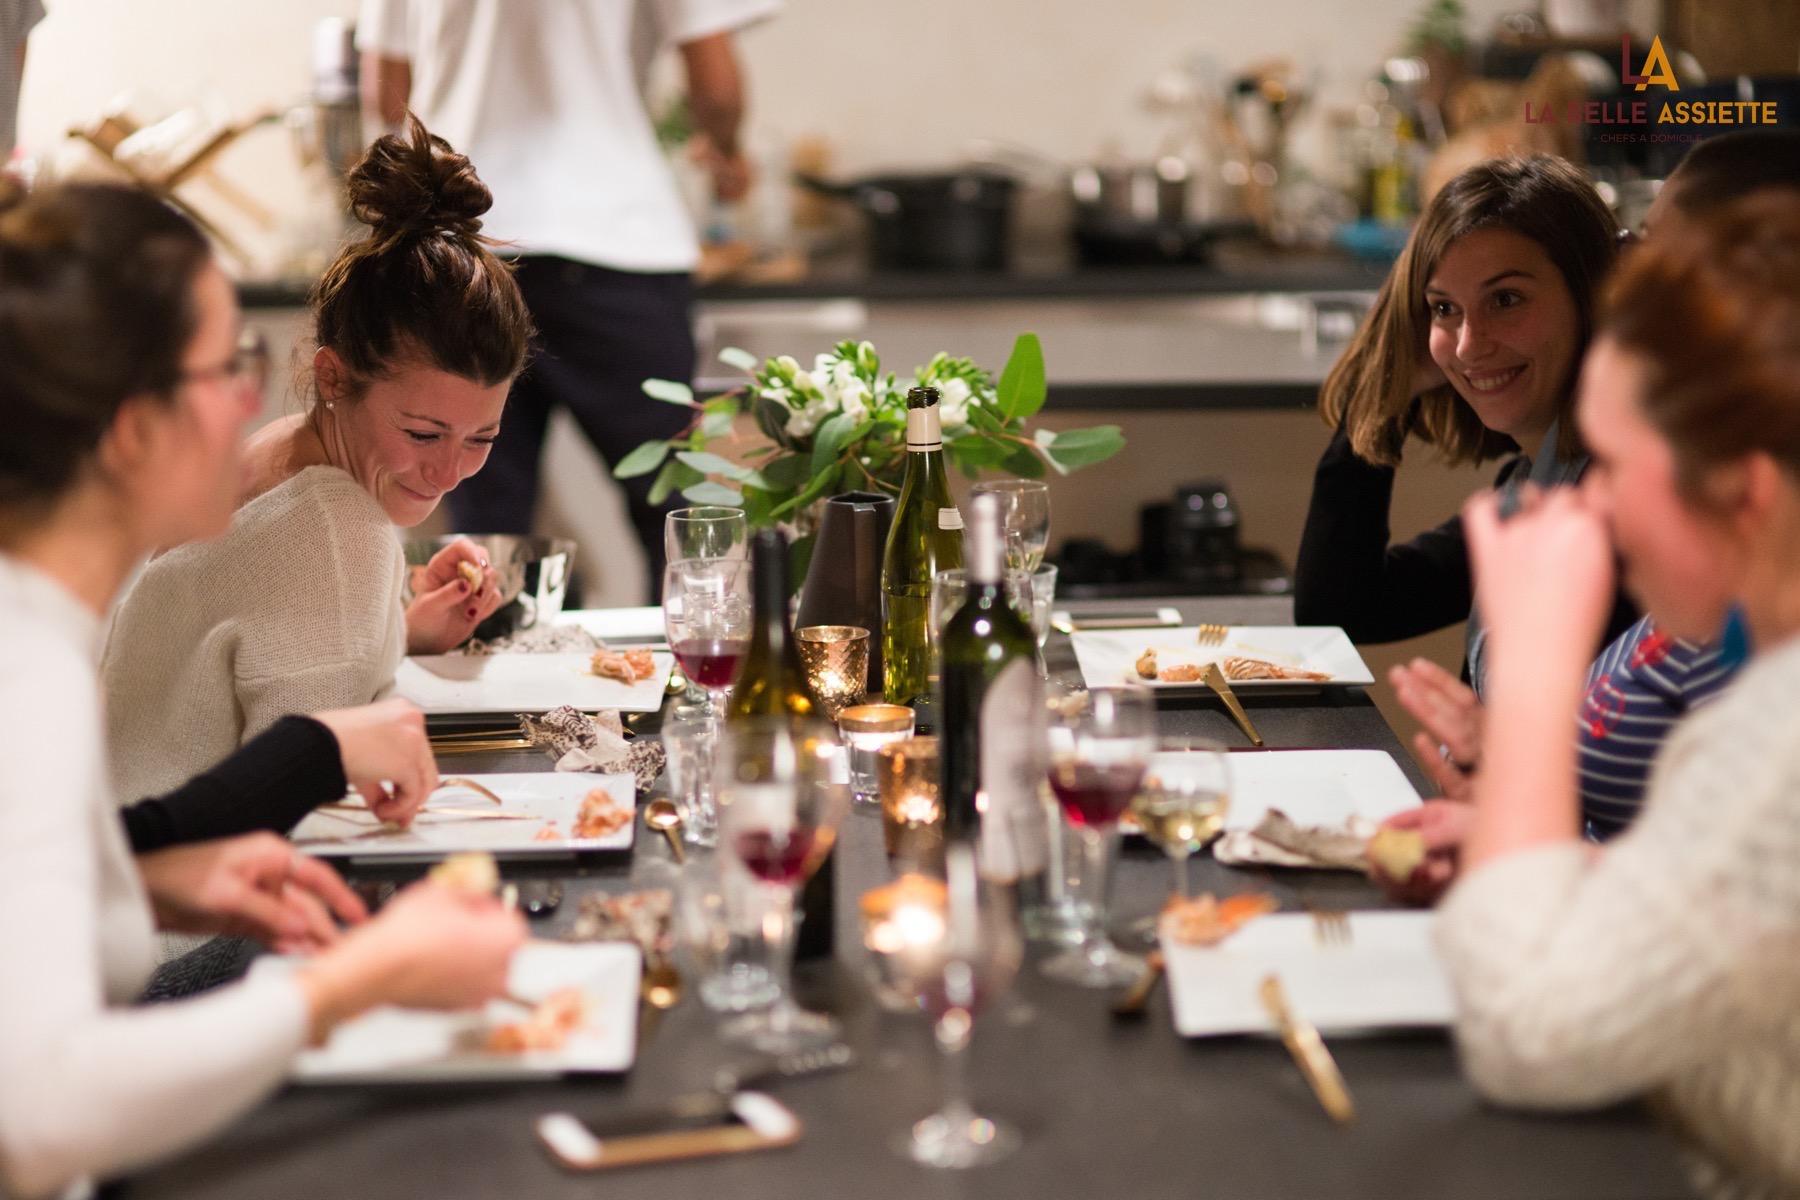 Recevoir Des Amis recevoir vos amis en toute tranquillité - la belle assiette - le blog